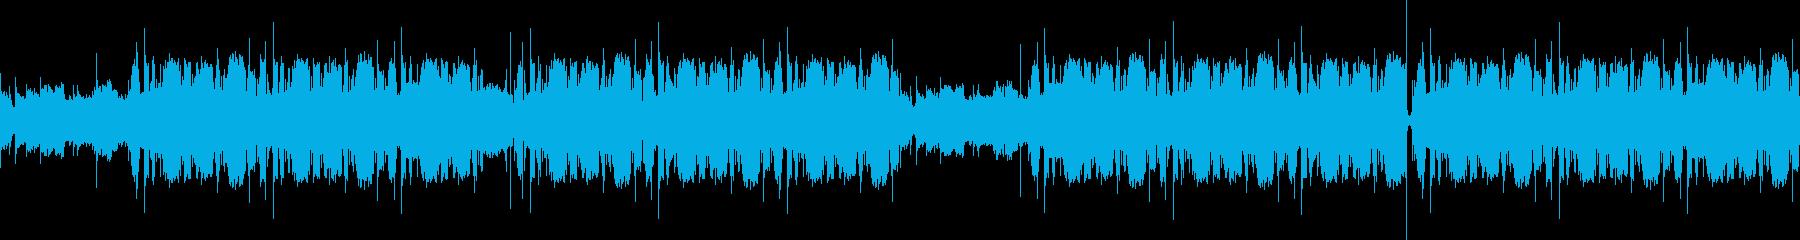 落ち着いた環境音を使用したBGMの再生済みの波形